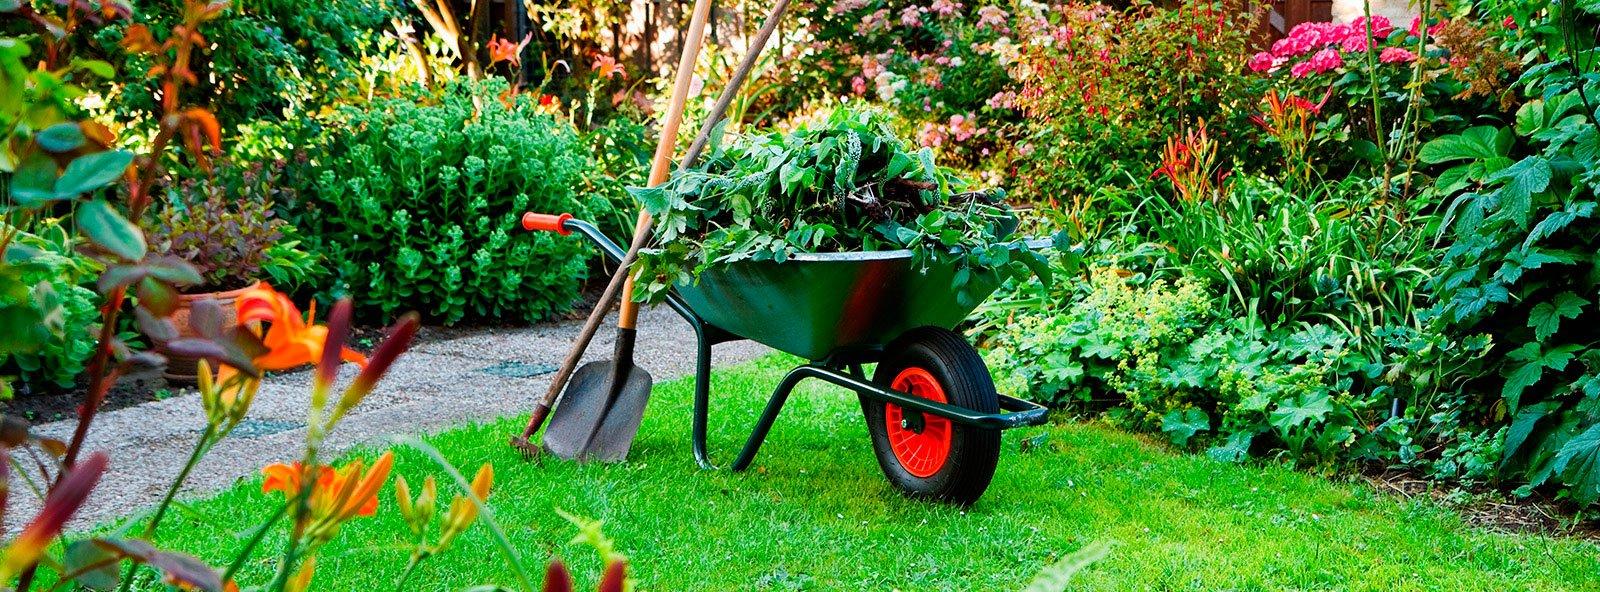 fondo-jardineria